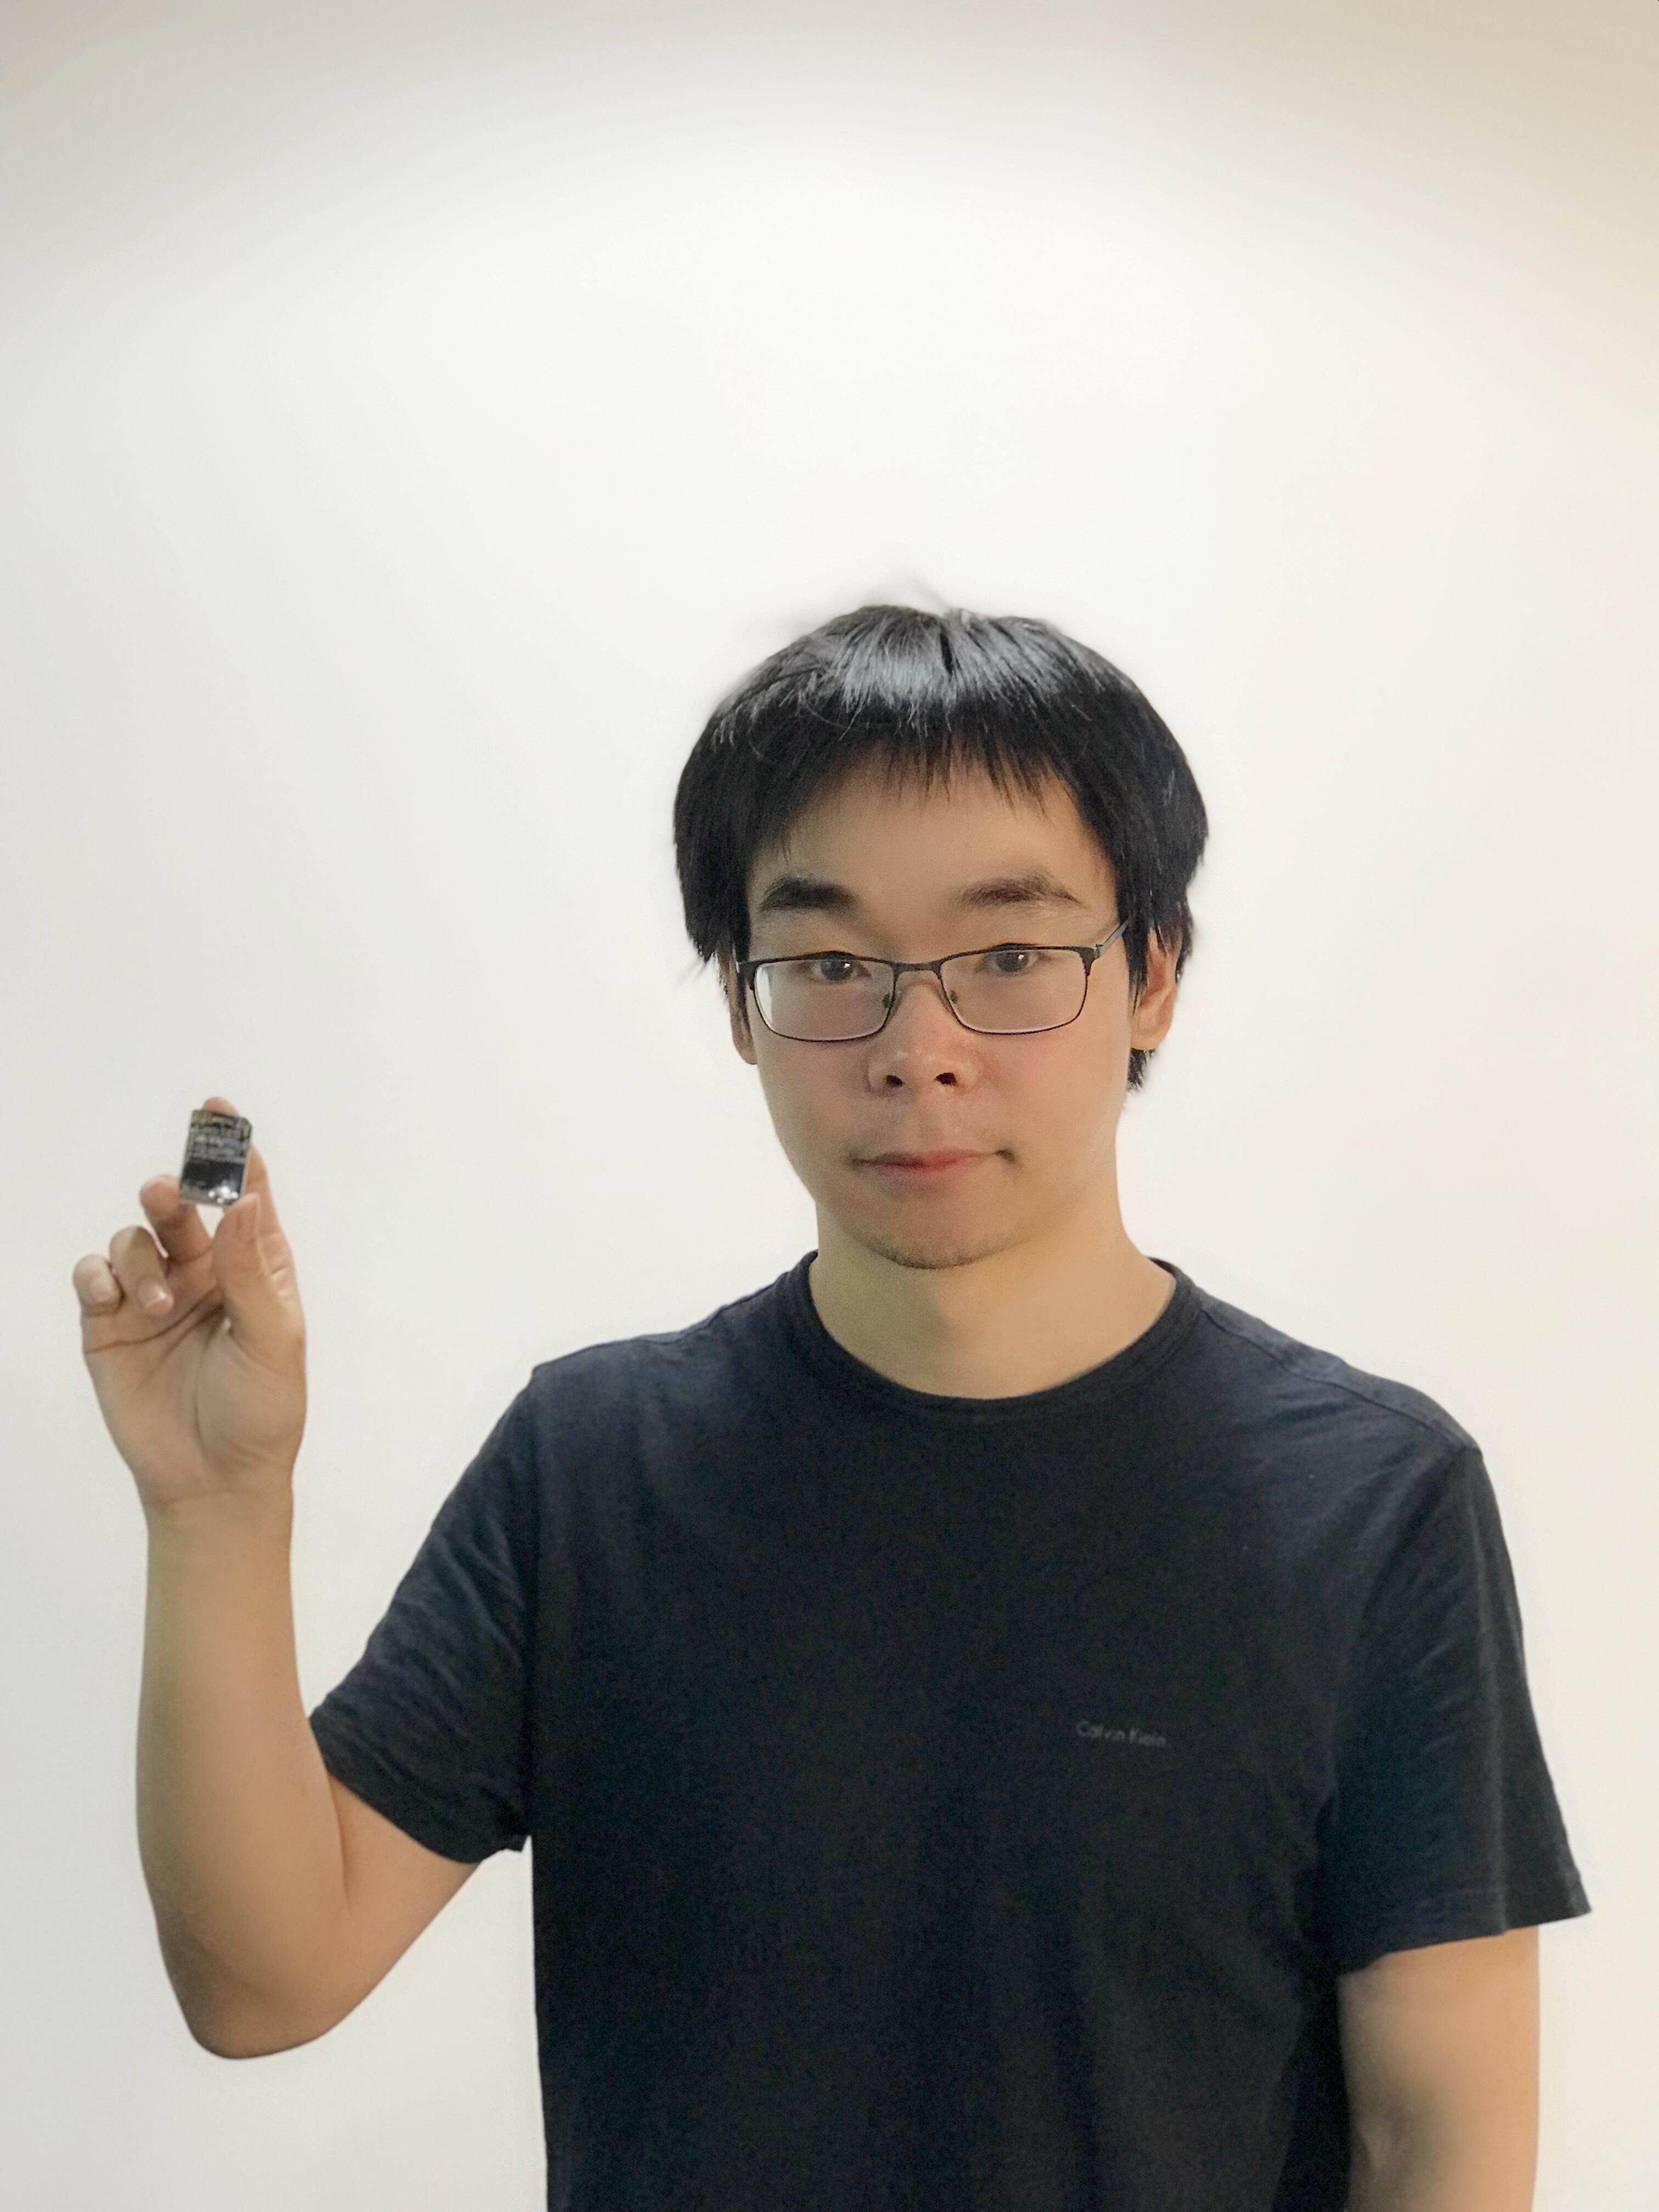 中科物栖王颖博士:物联网的繁荣从发明家文化开始